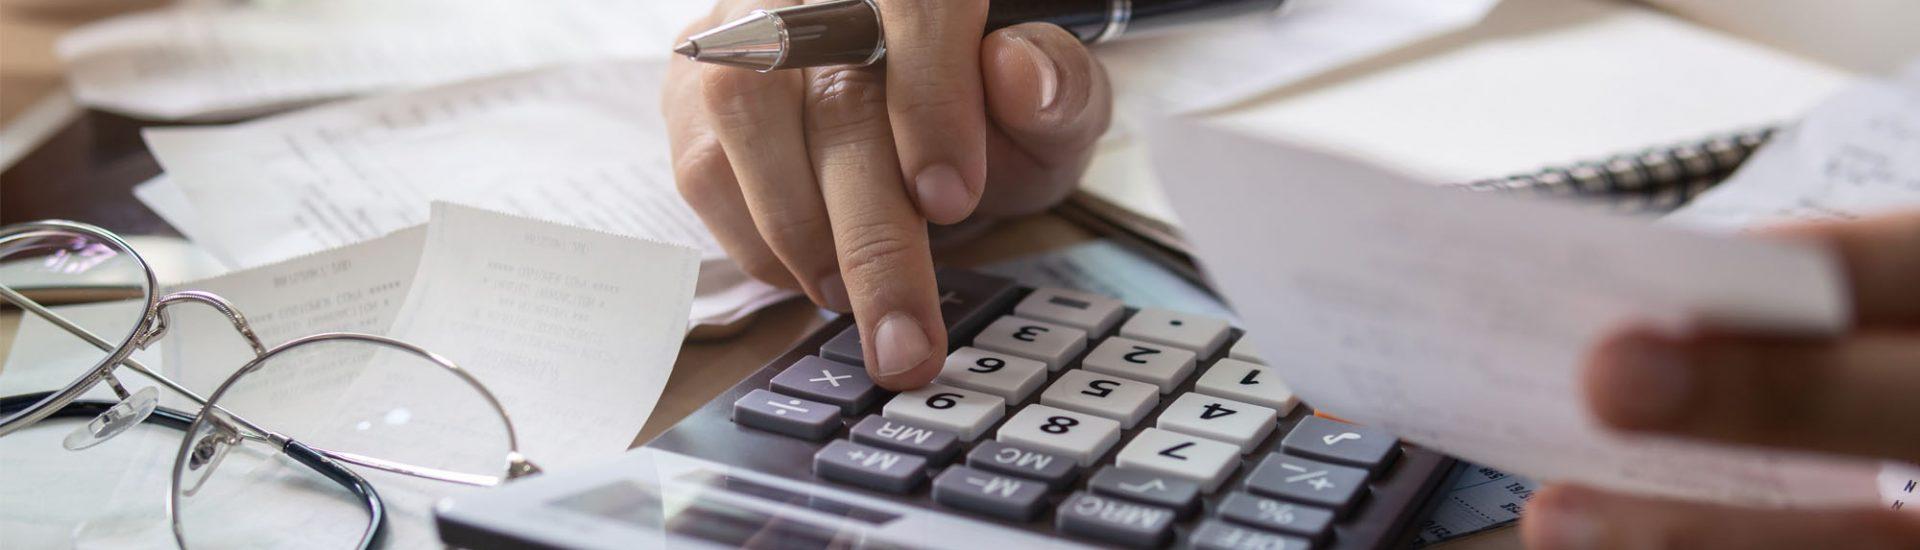 Hausgeld -  Die wichtigsten Informationen und Spartipps